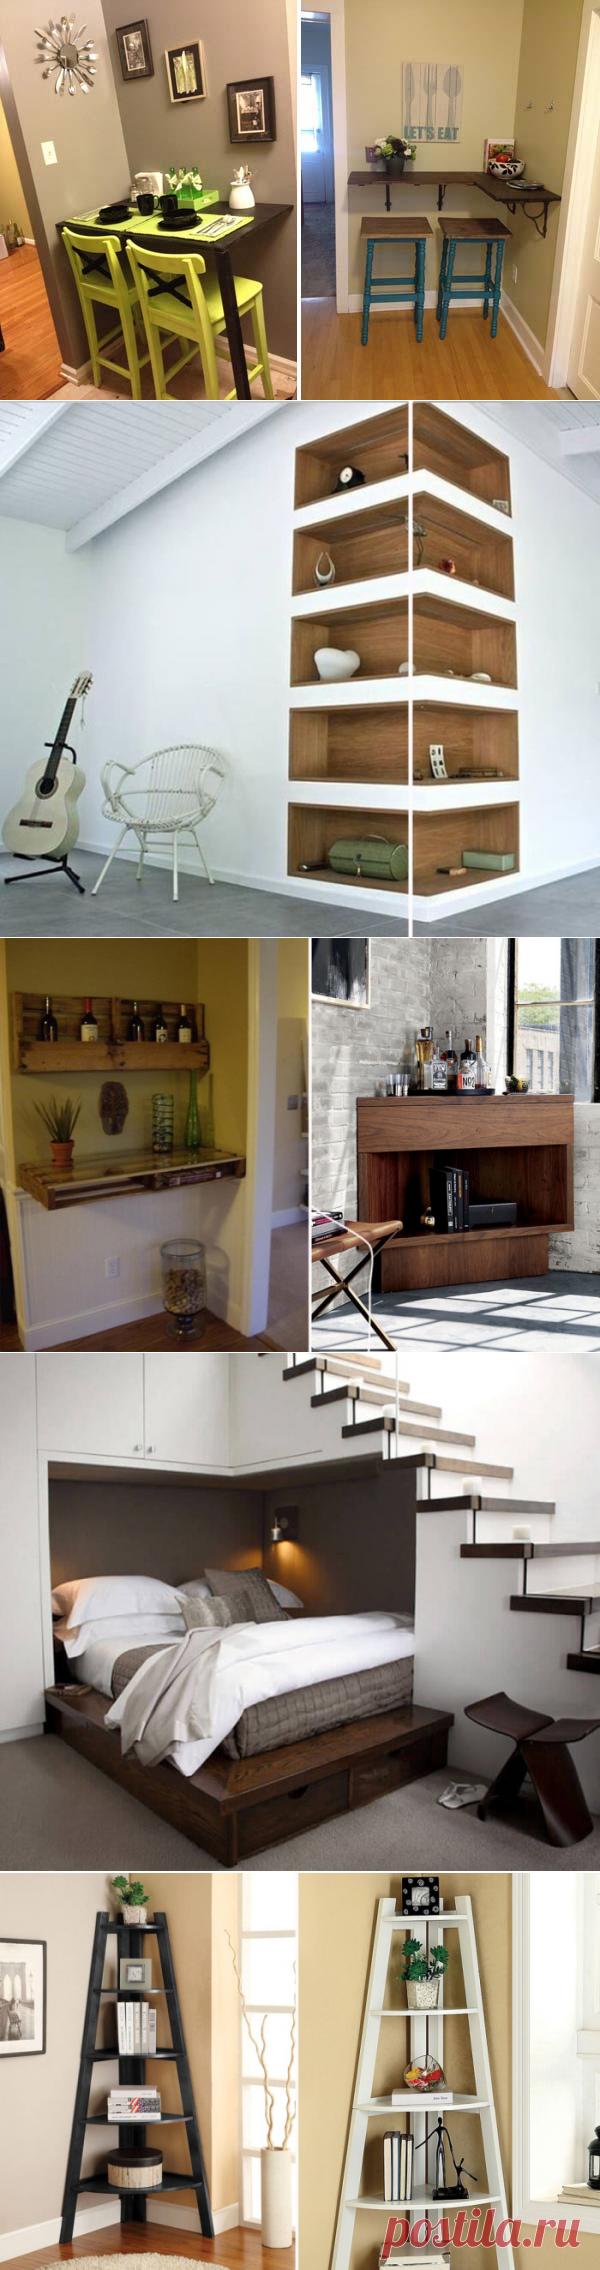 Несколько полезных идей для грамотного использования углового пространства в доме и квартире — Pro ремонт